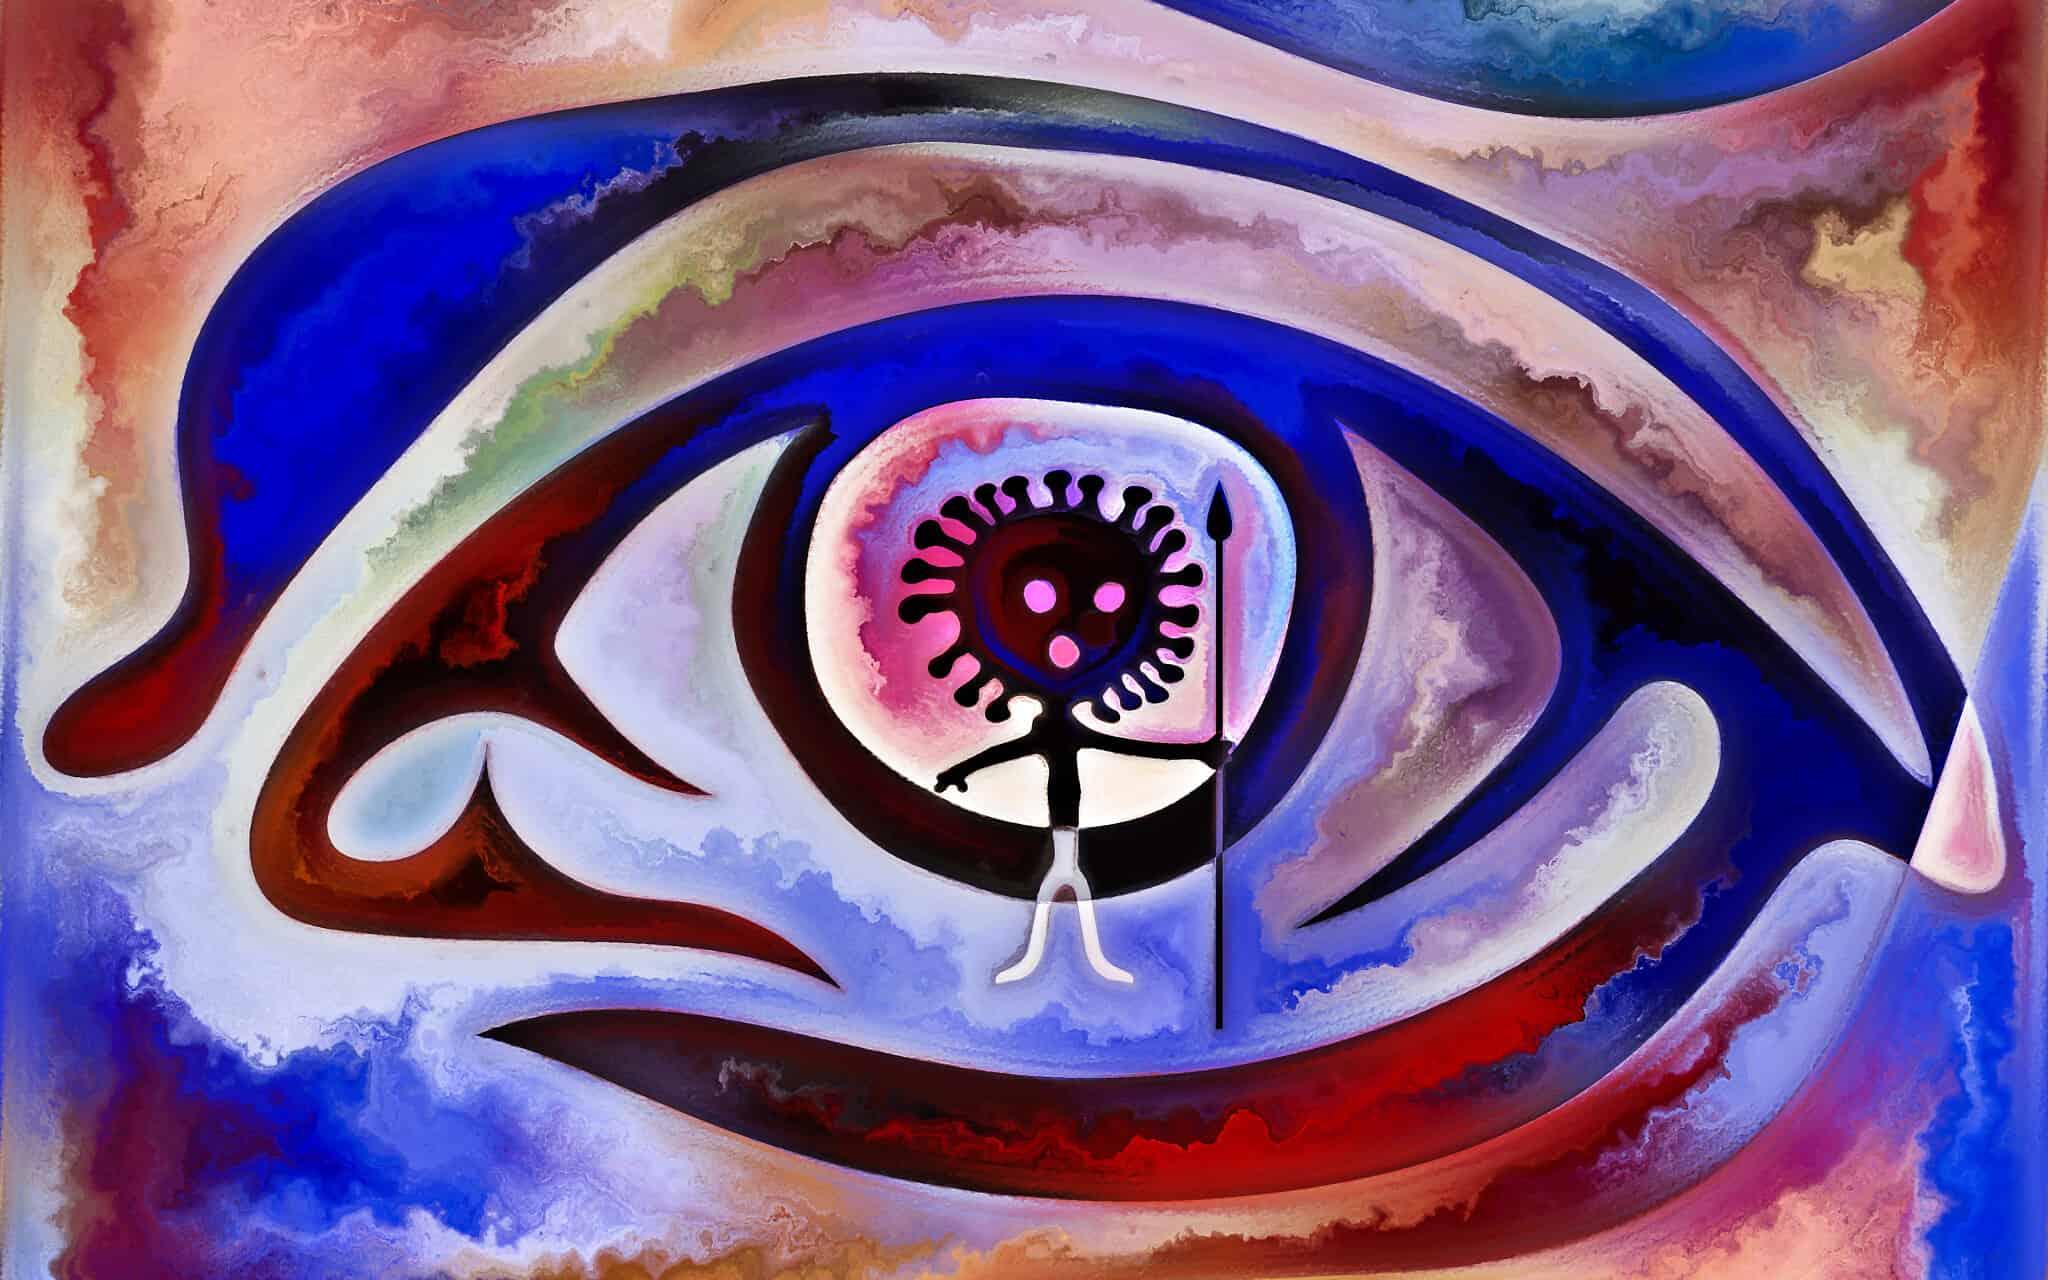 אמנות וקורונה. אילוסטרציה (צילום: agsandrew/iStock)